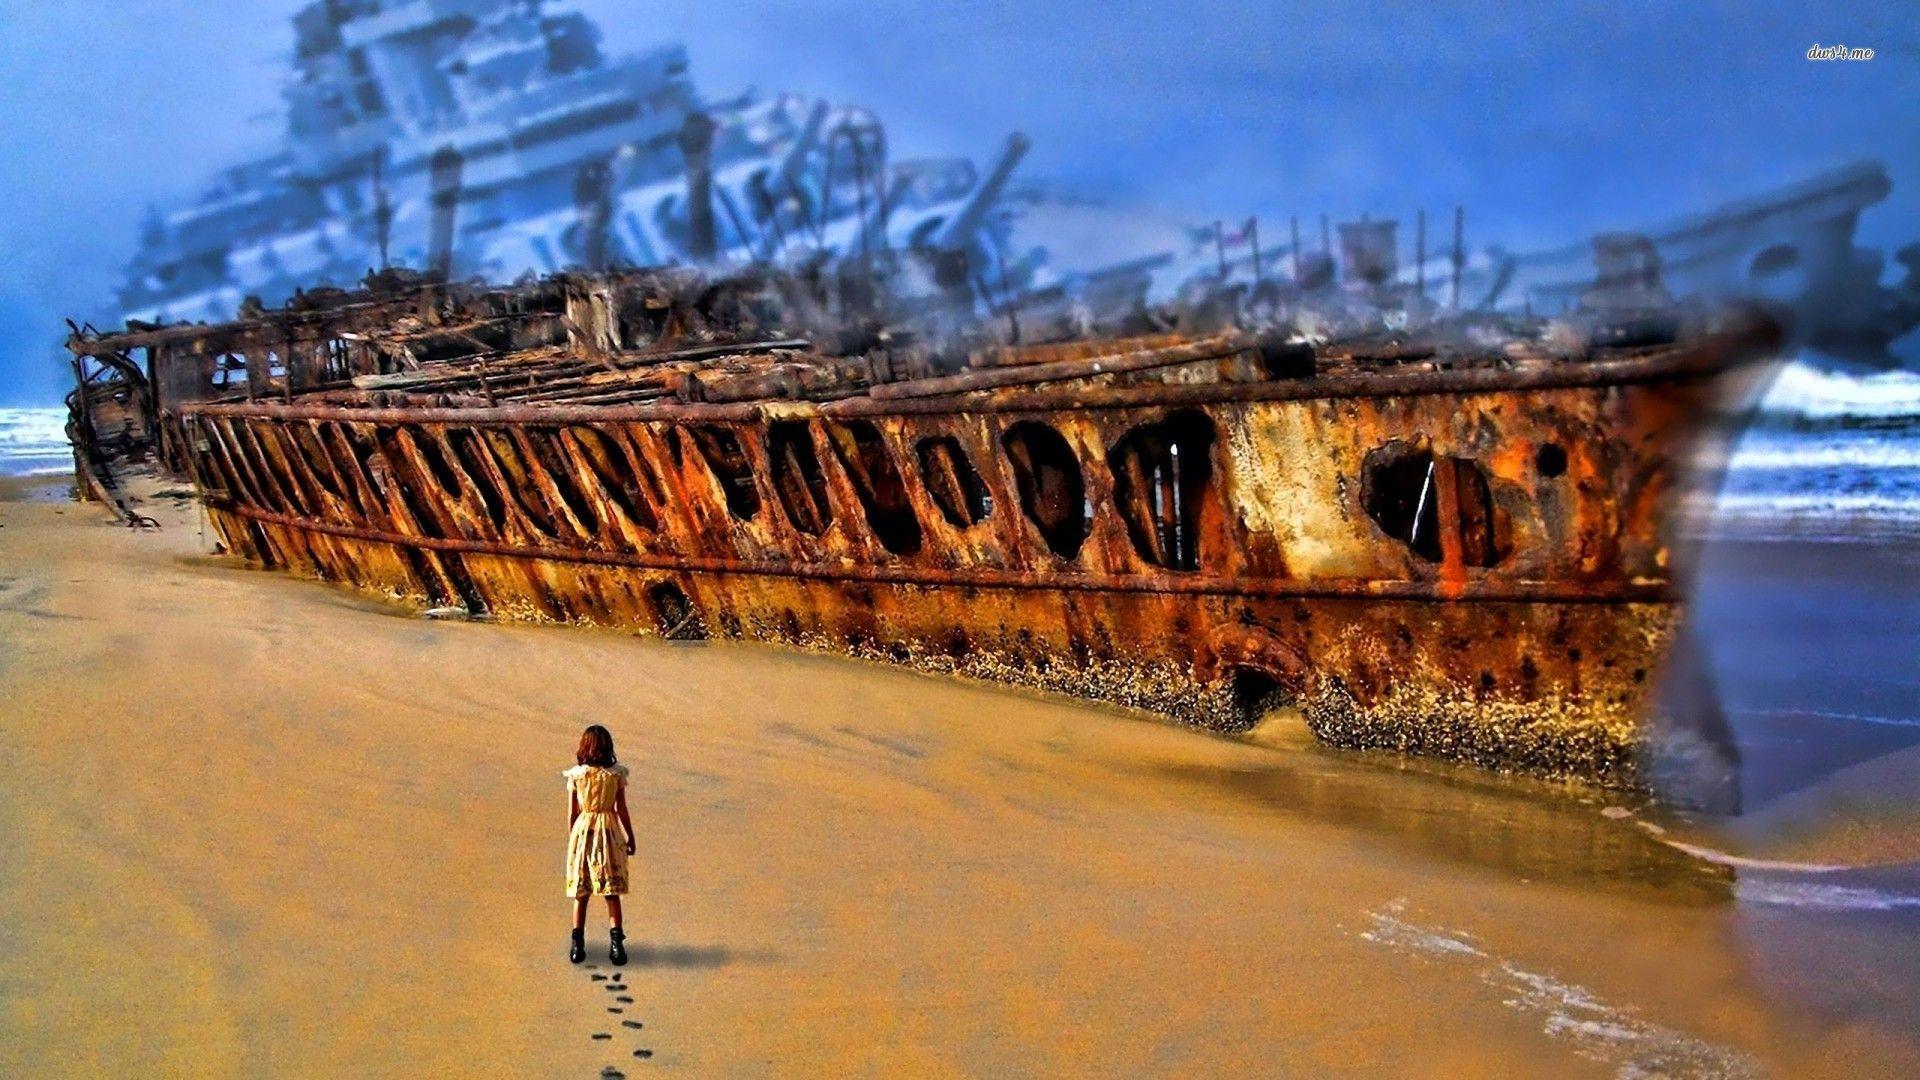 Cigarette Wallpaper Hd Shipwreck Wallpapers Wallpaper Cave